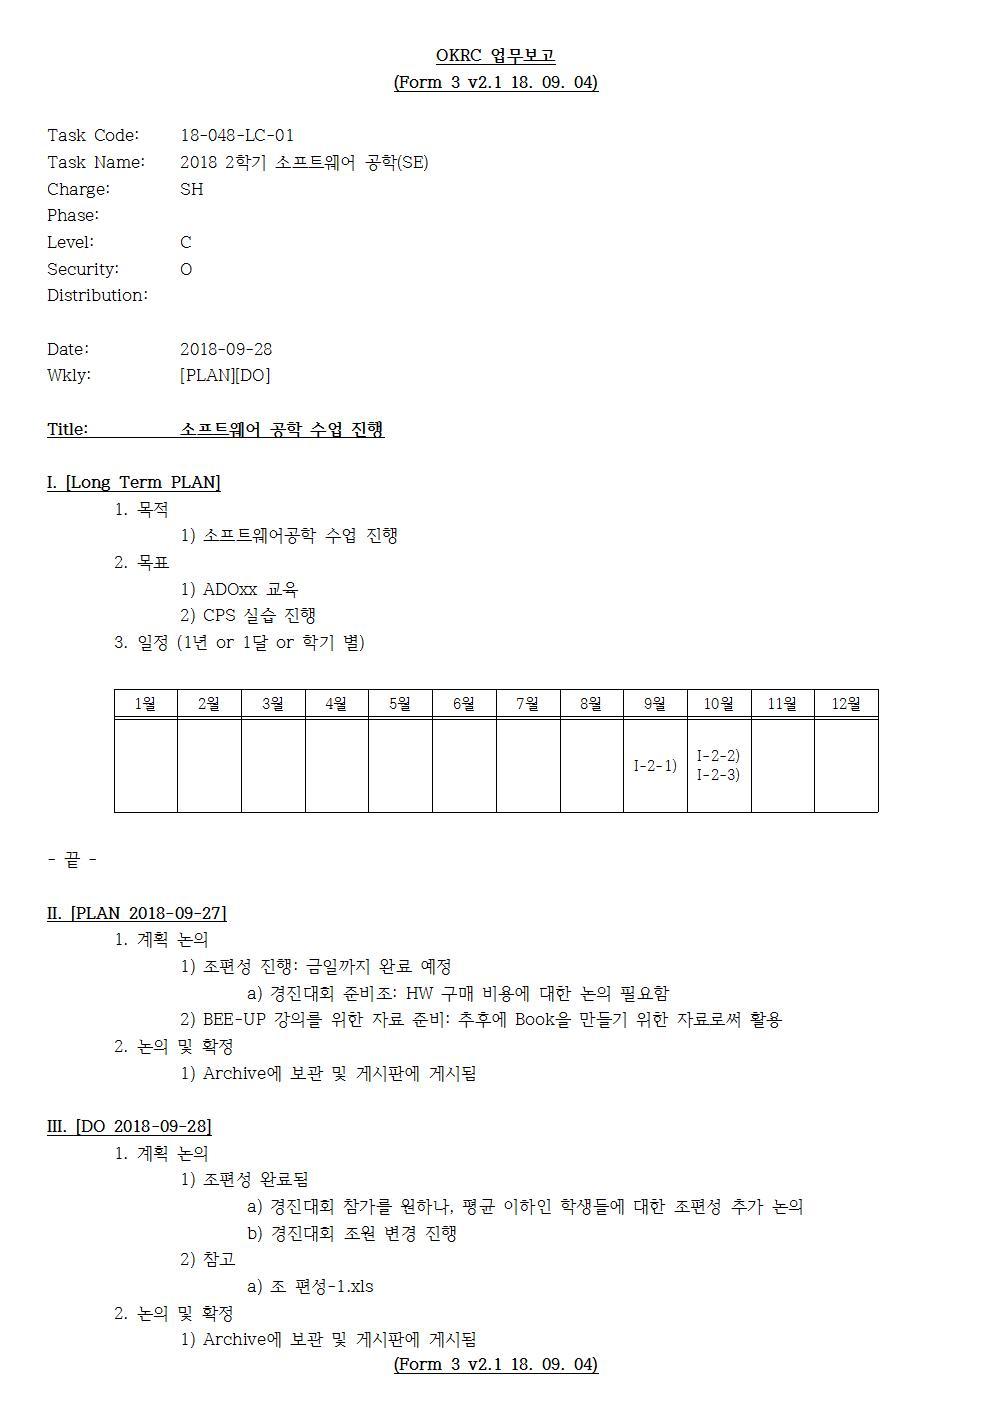 D-[18-048-LC-01]-[SE]-[2018-09-28][SH]001.jpg